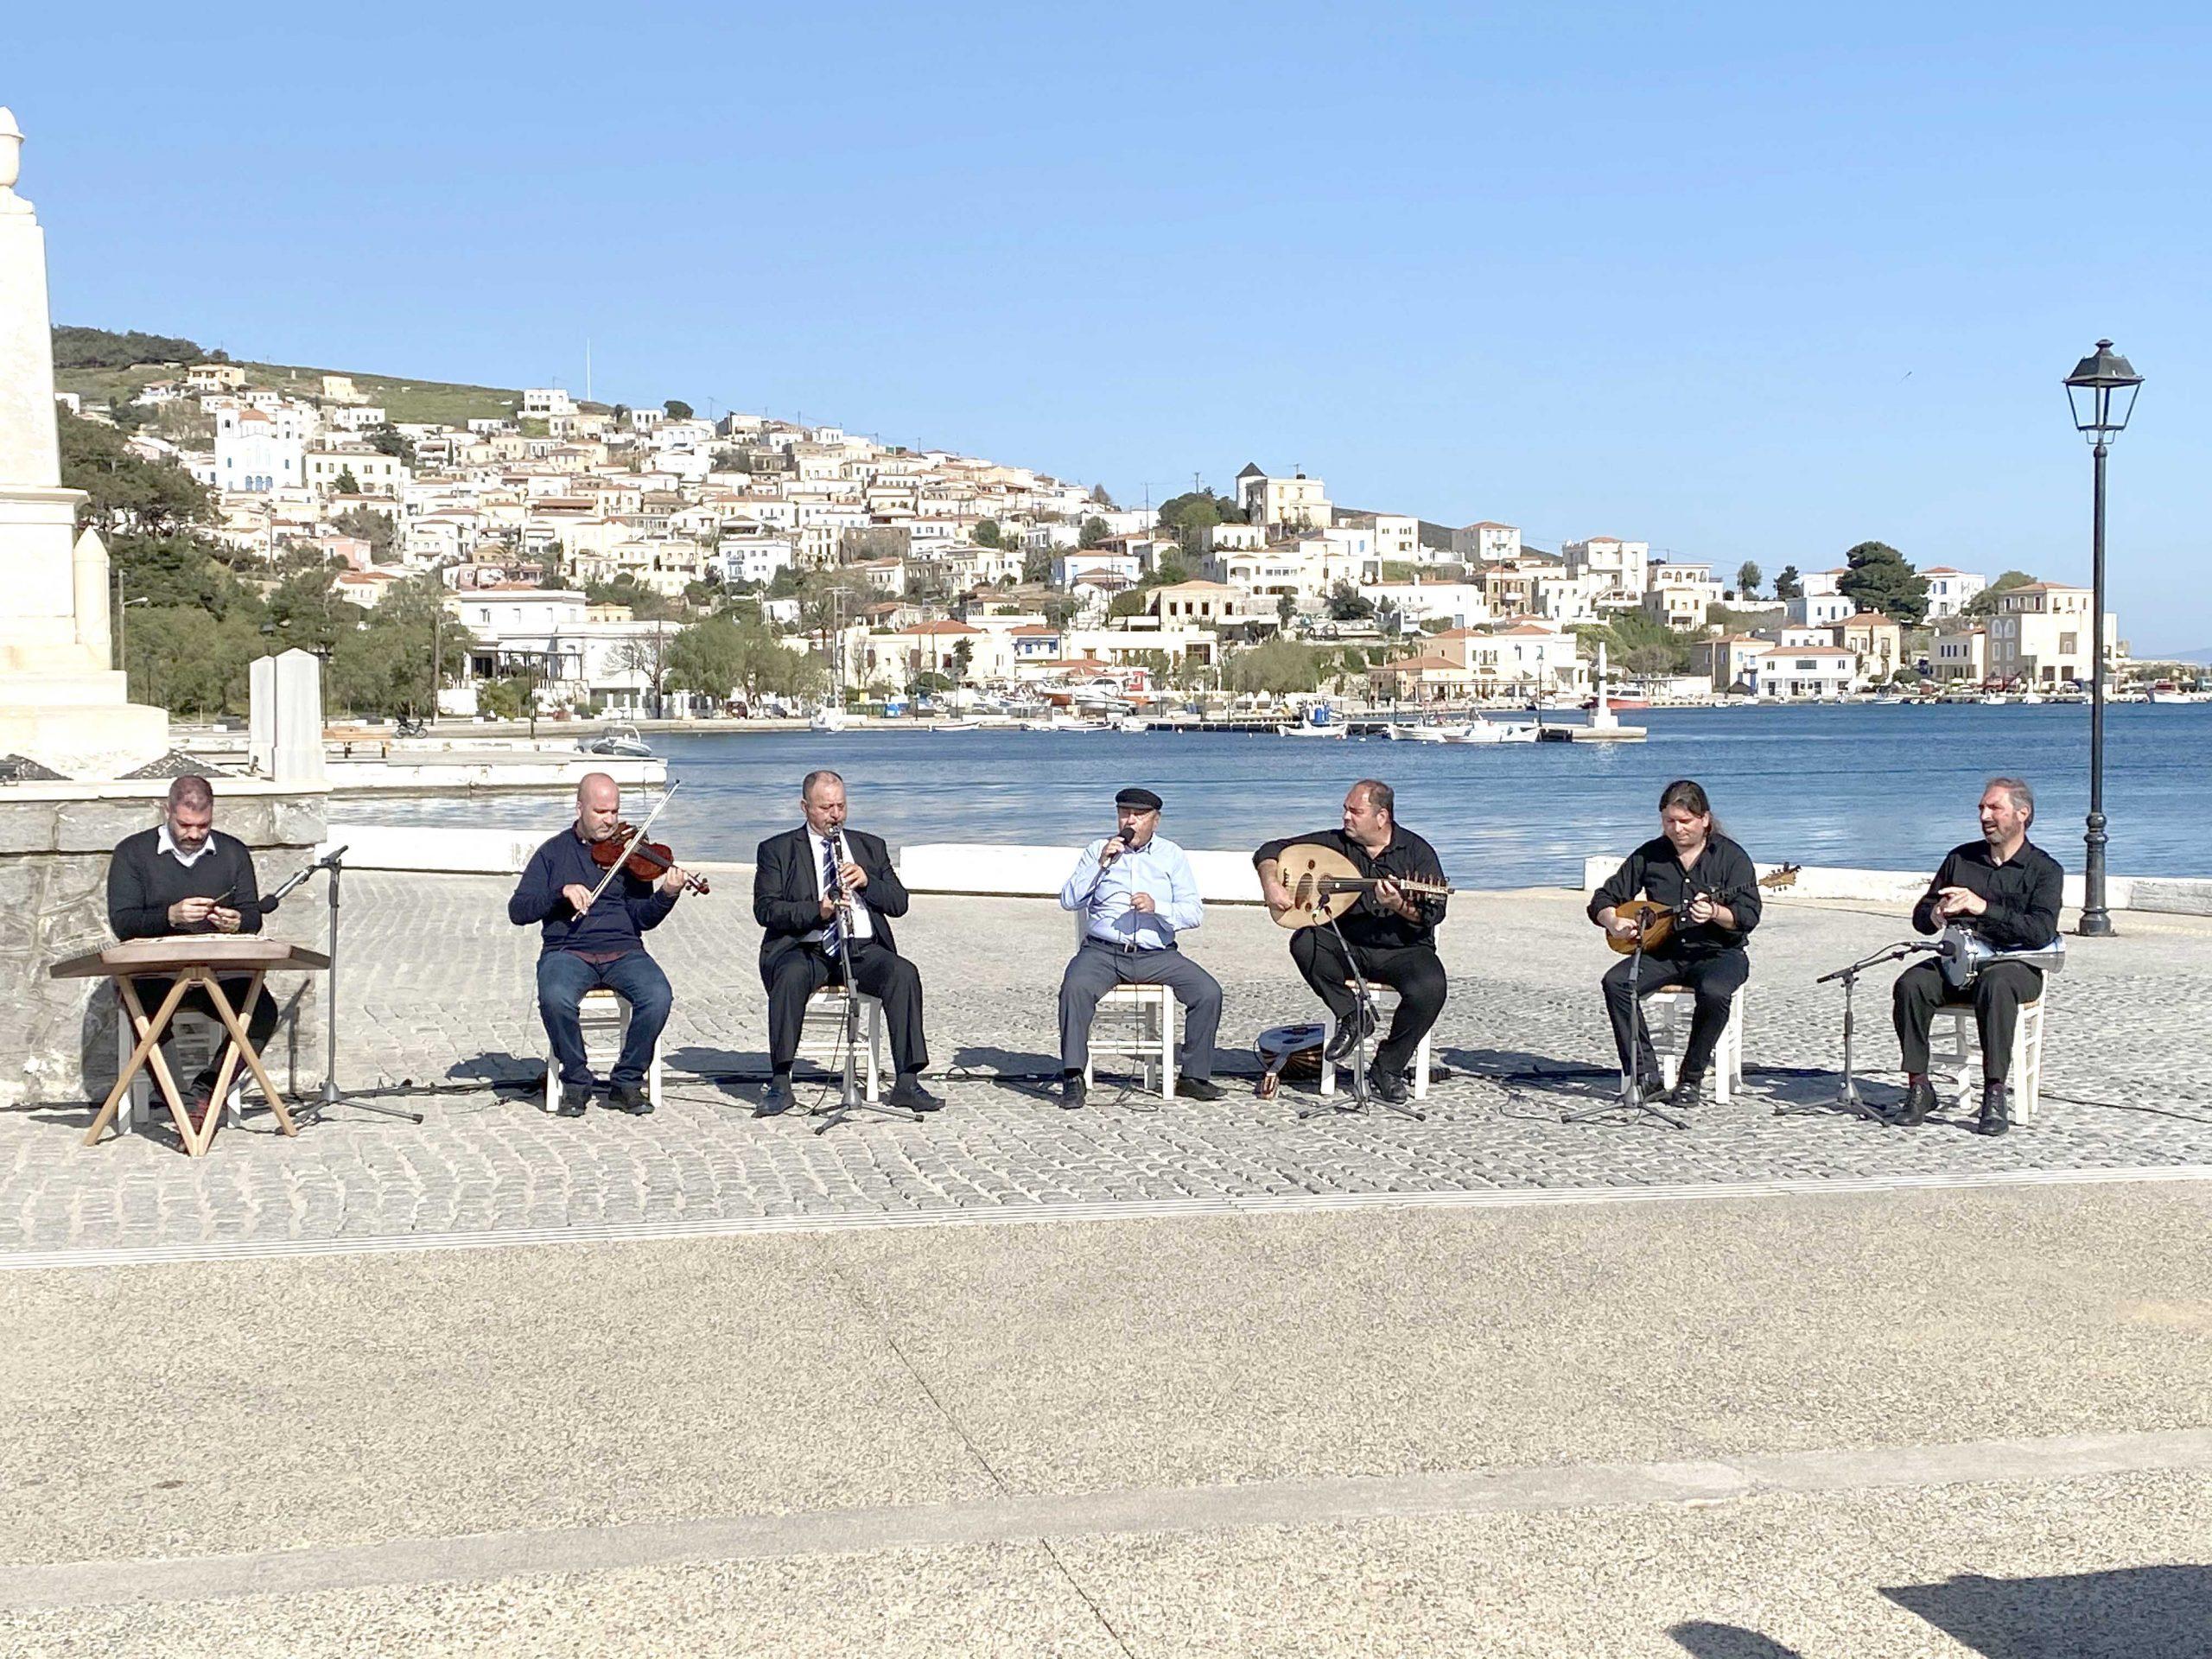 «Το αλάτι της γης» γιορτάζει τα 10 χρόνια τηλεοπτικής πορείας του με «Μικρασιάτικες μνήμες» από τις Οινούσσες και τη Χίο